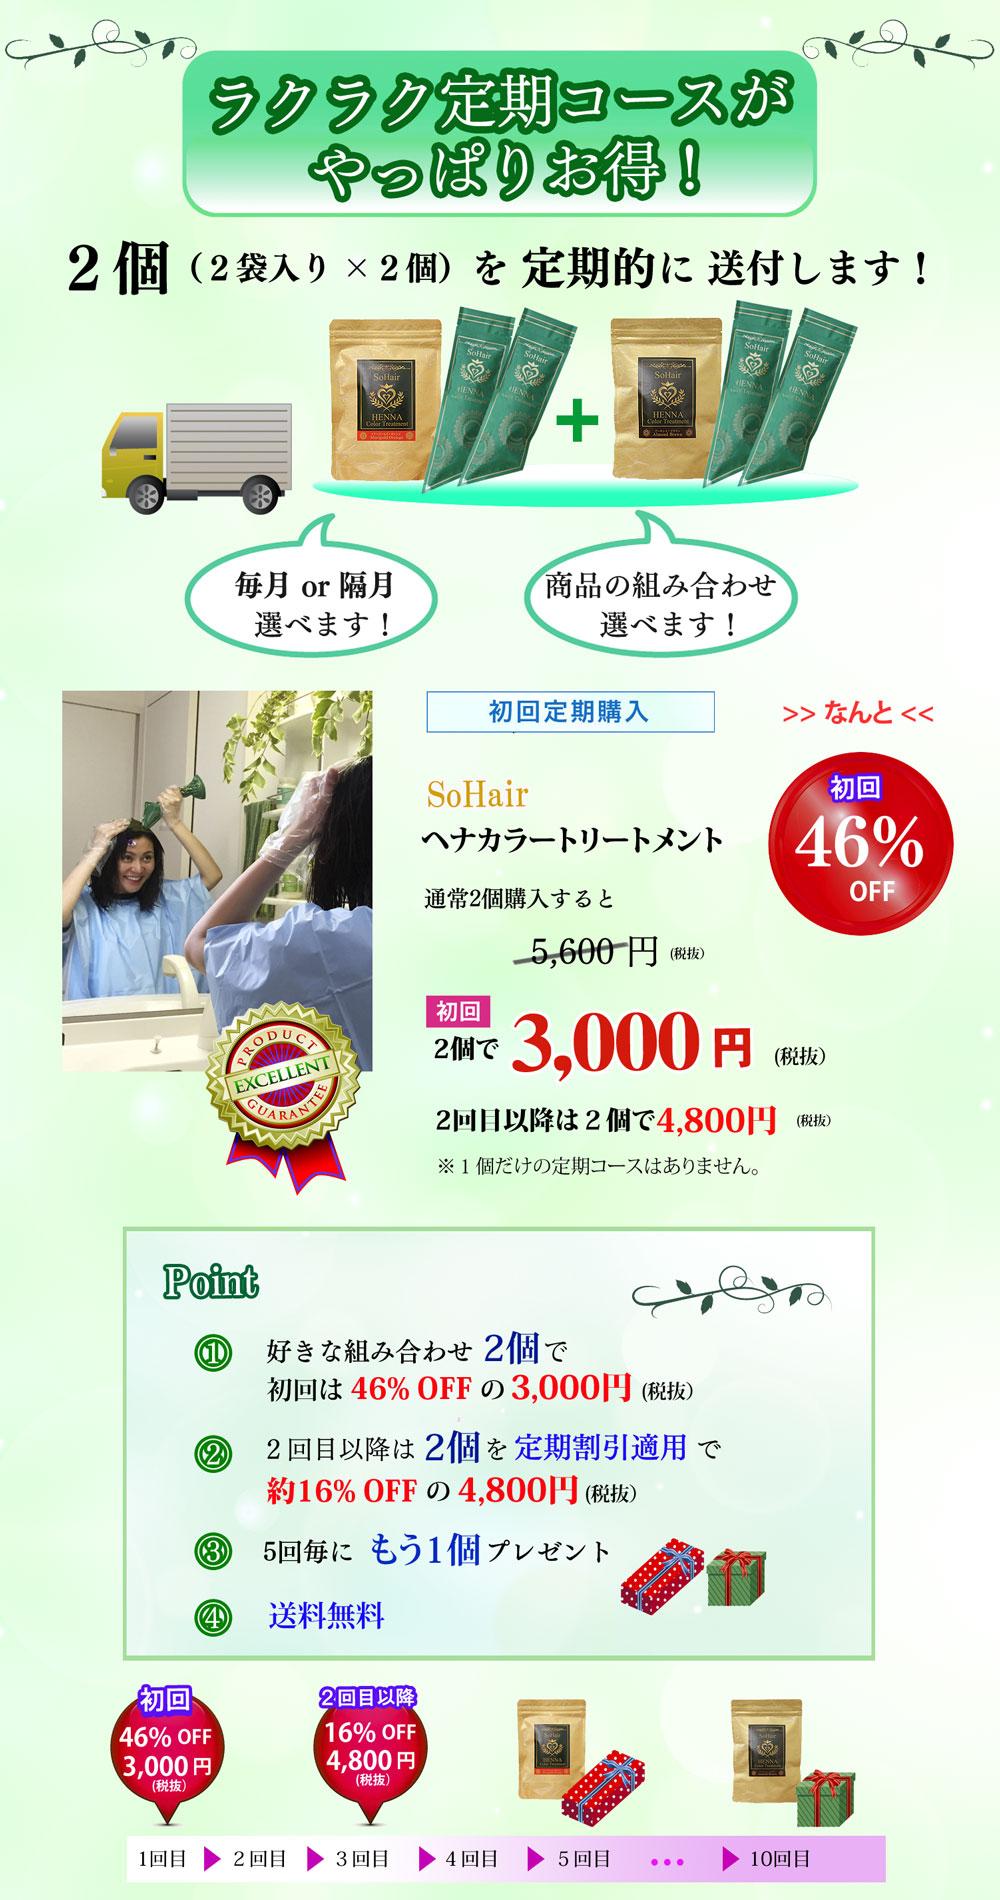 ヘナ定期コース紹介